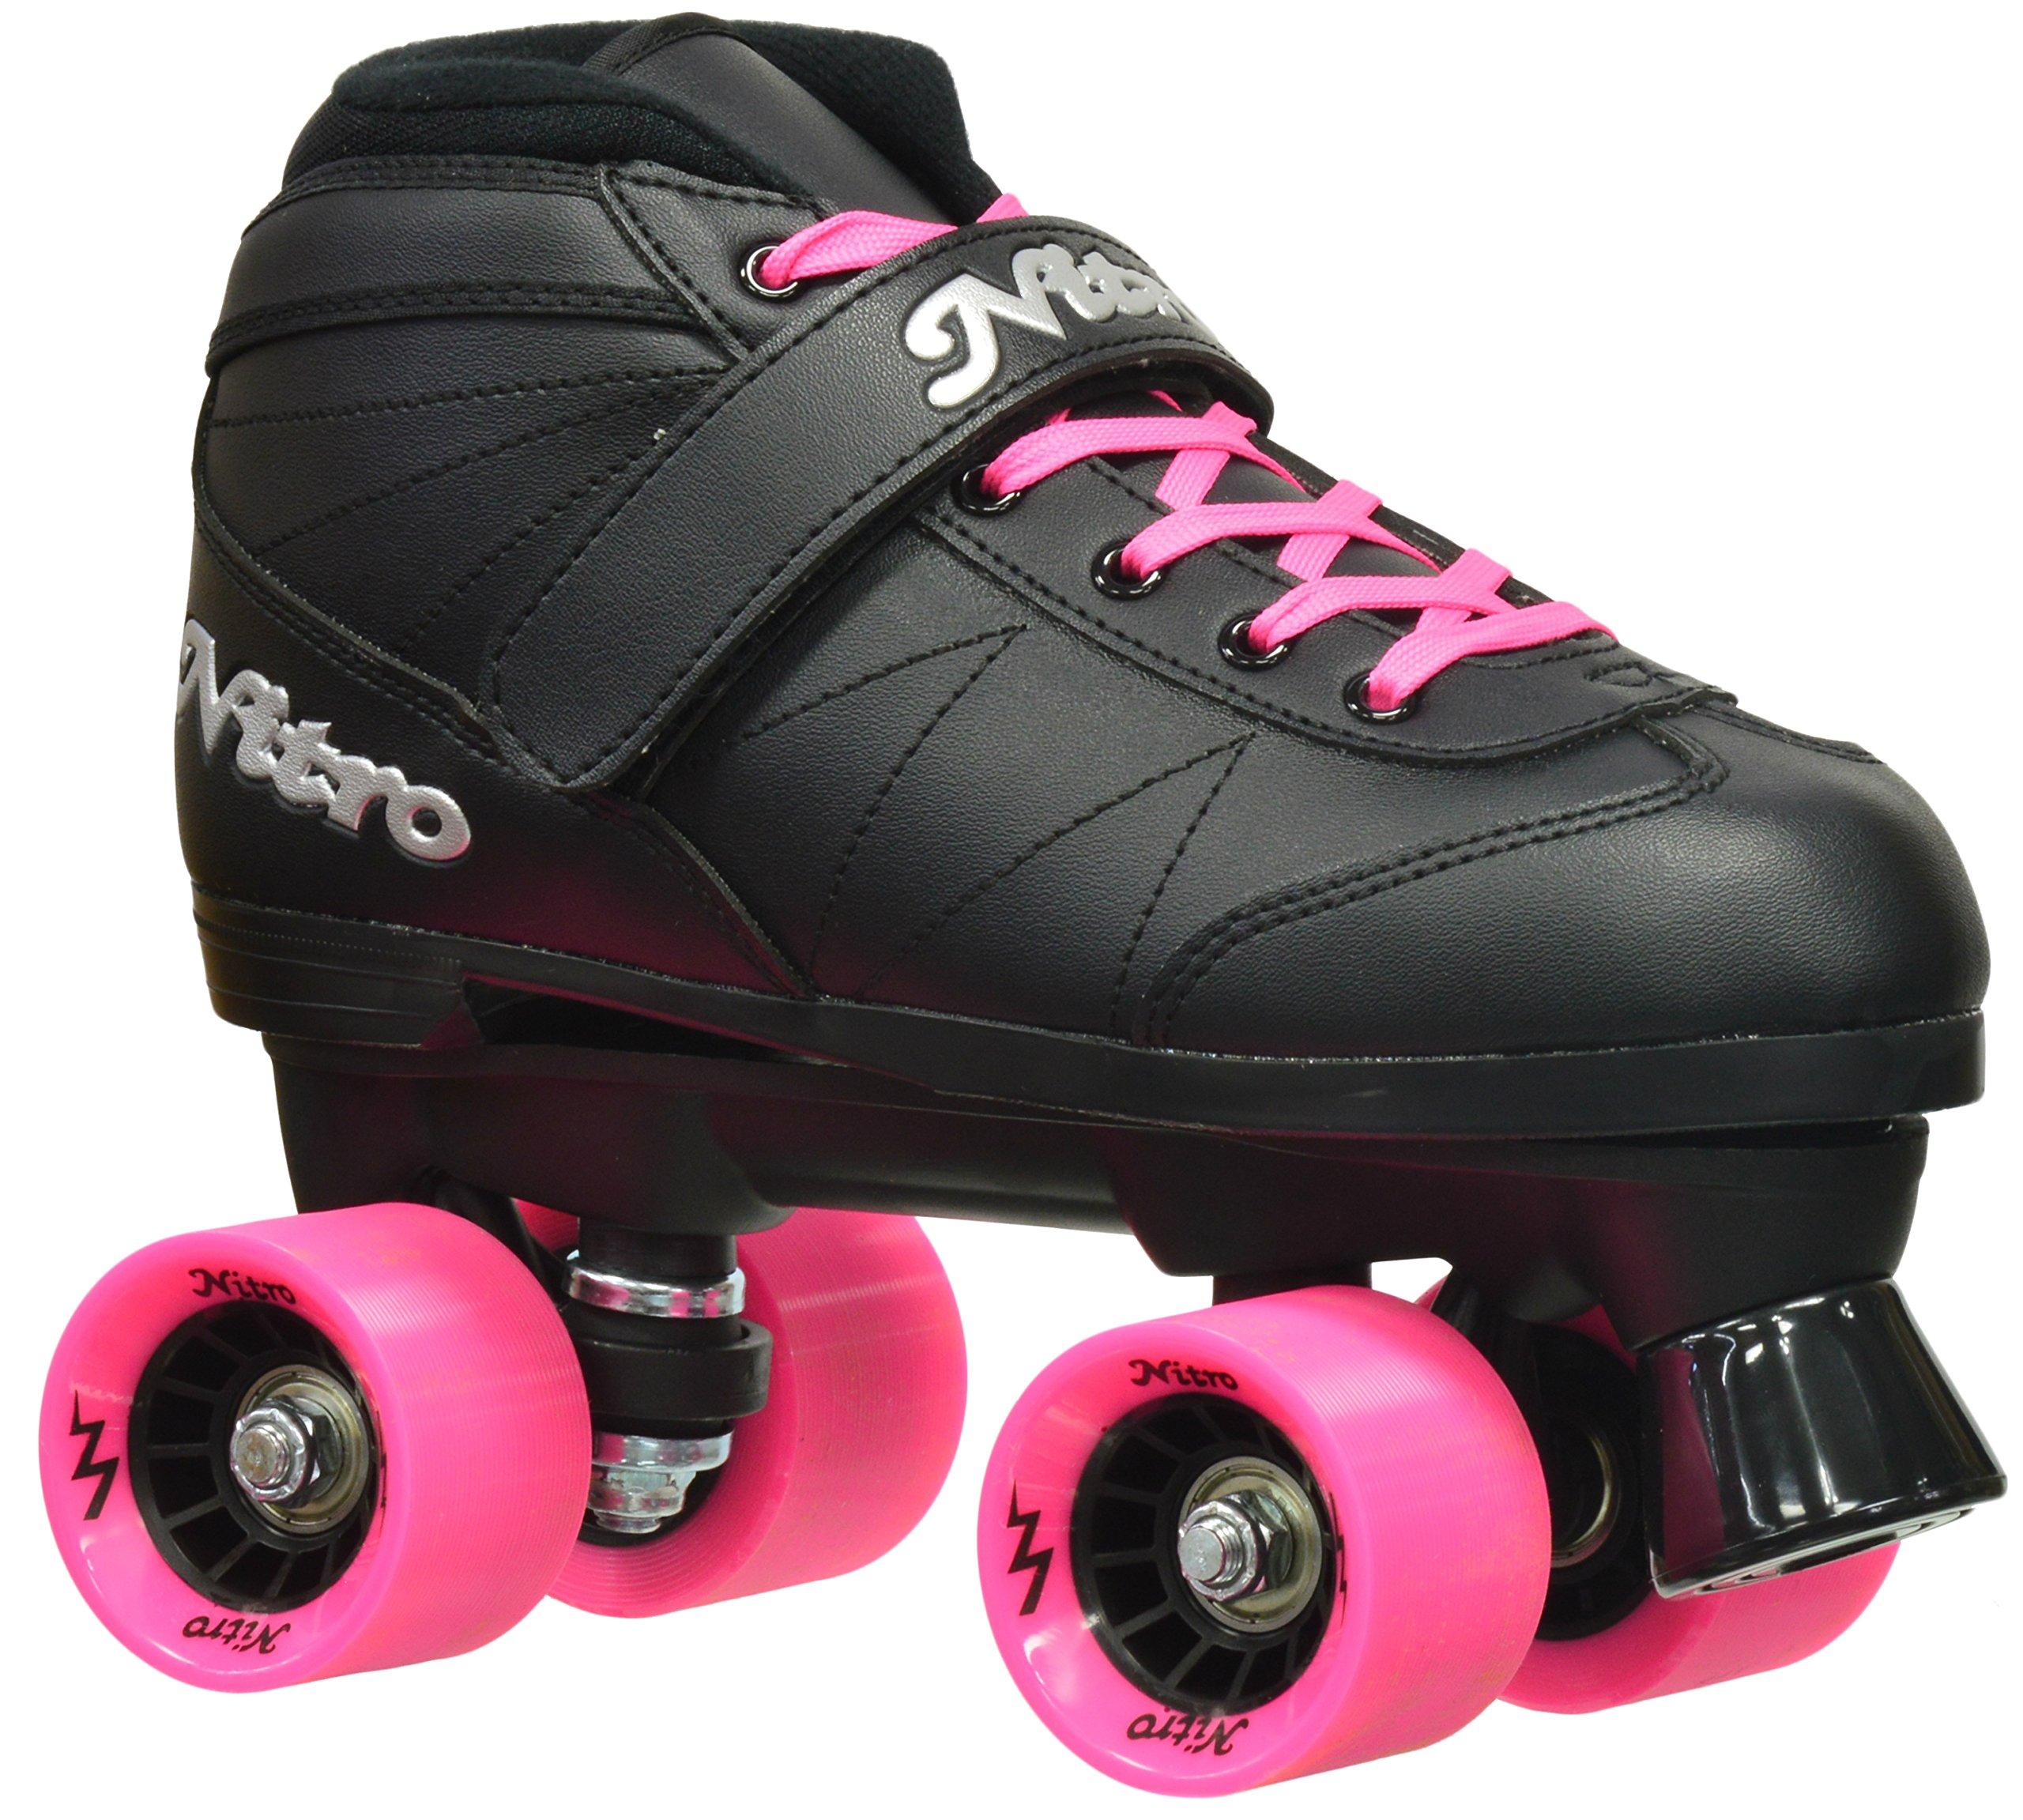 Epic Skates Epic Super Nitro Pink Quad Speed Roller Skates Pink, Black